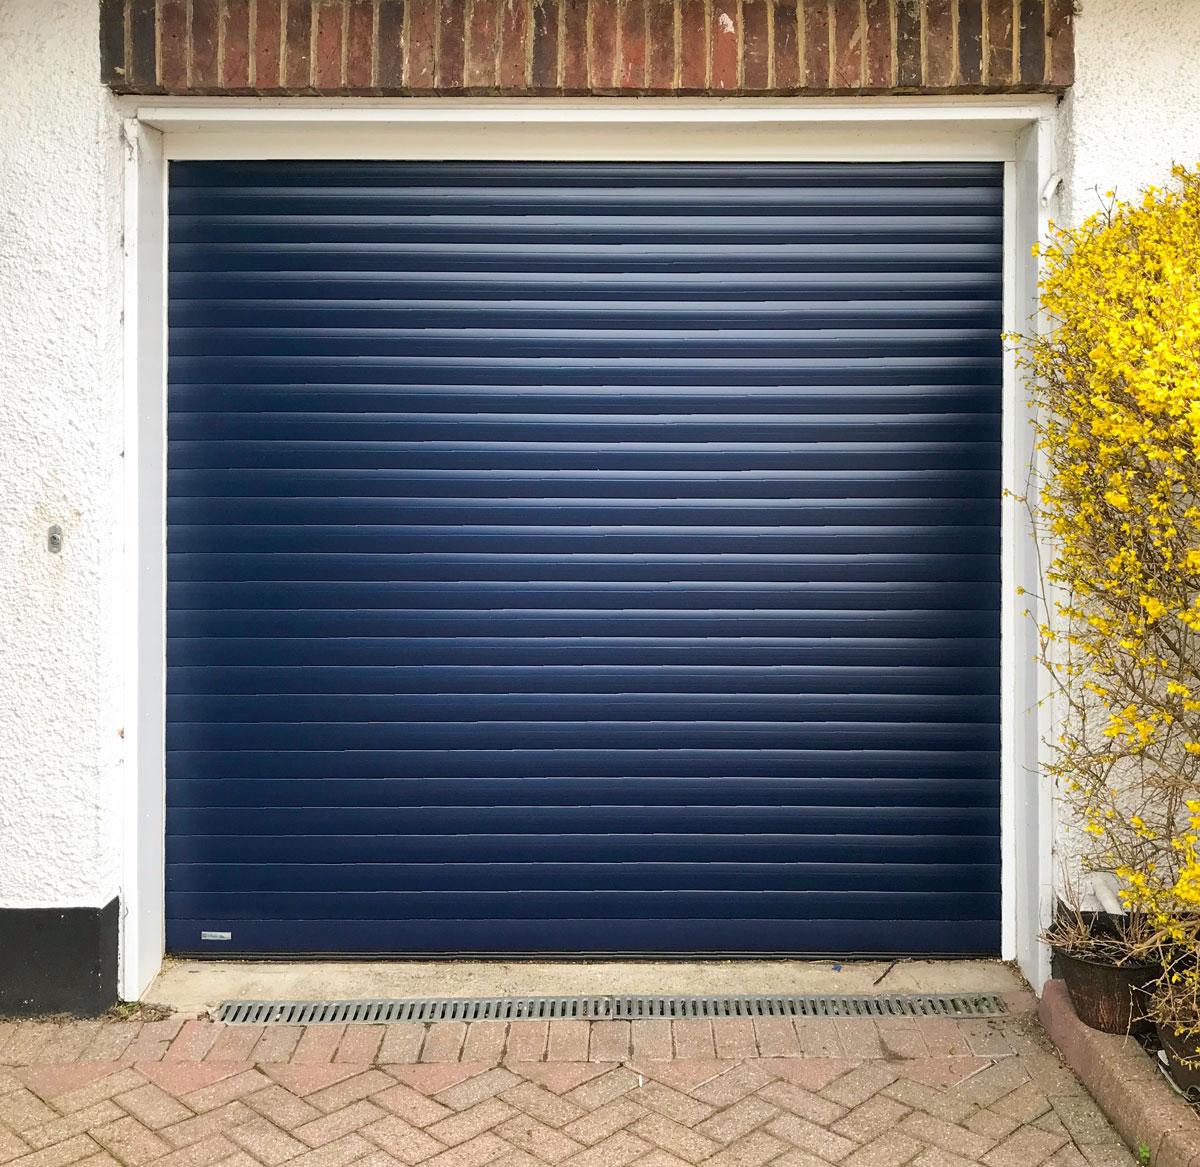 SWS Seceuroglide Classic Roller Garage Door in Navy Blue